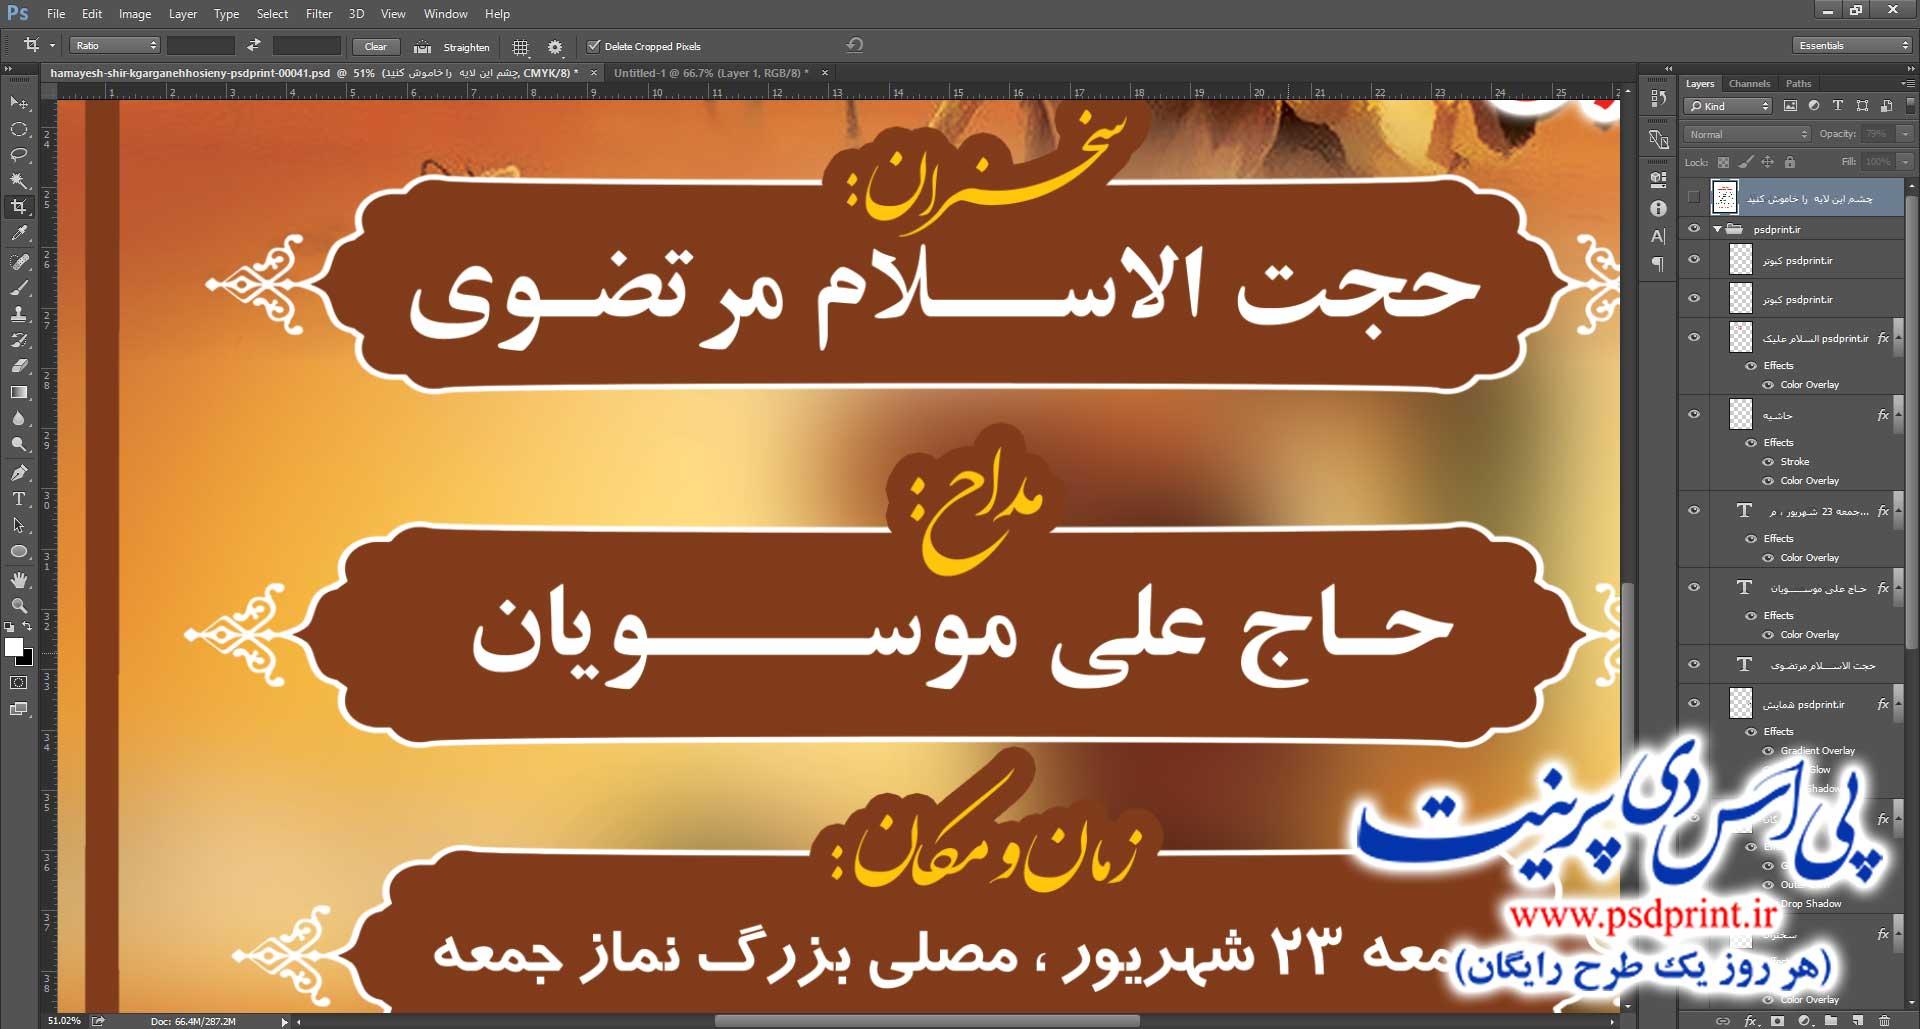 بنر لایه باز مراسم شیرخوارگان حسینی